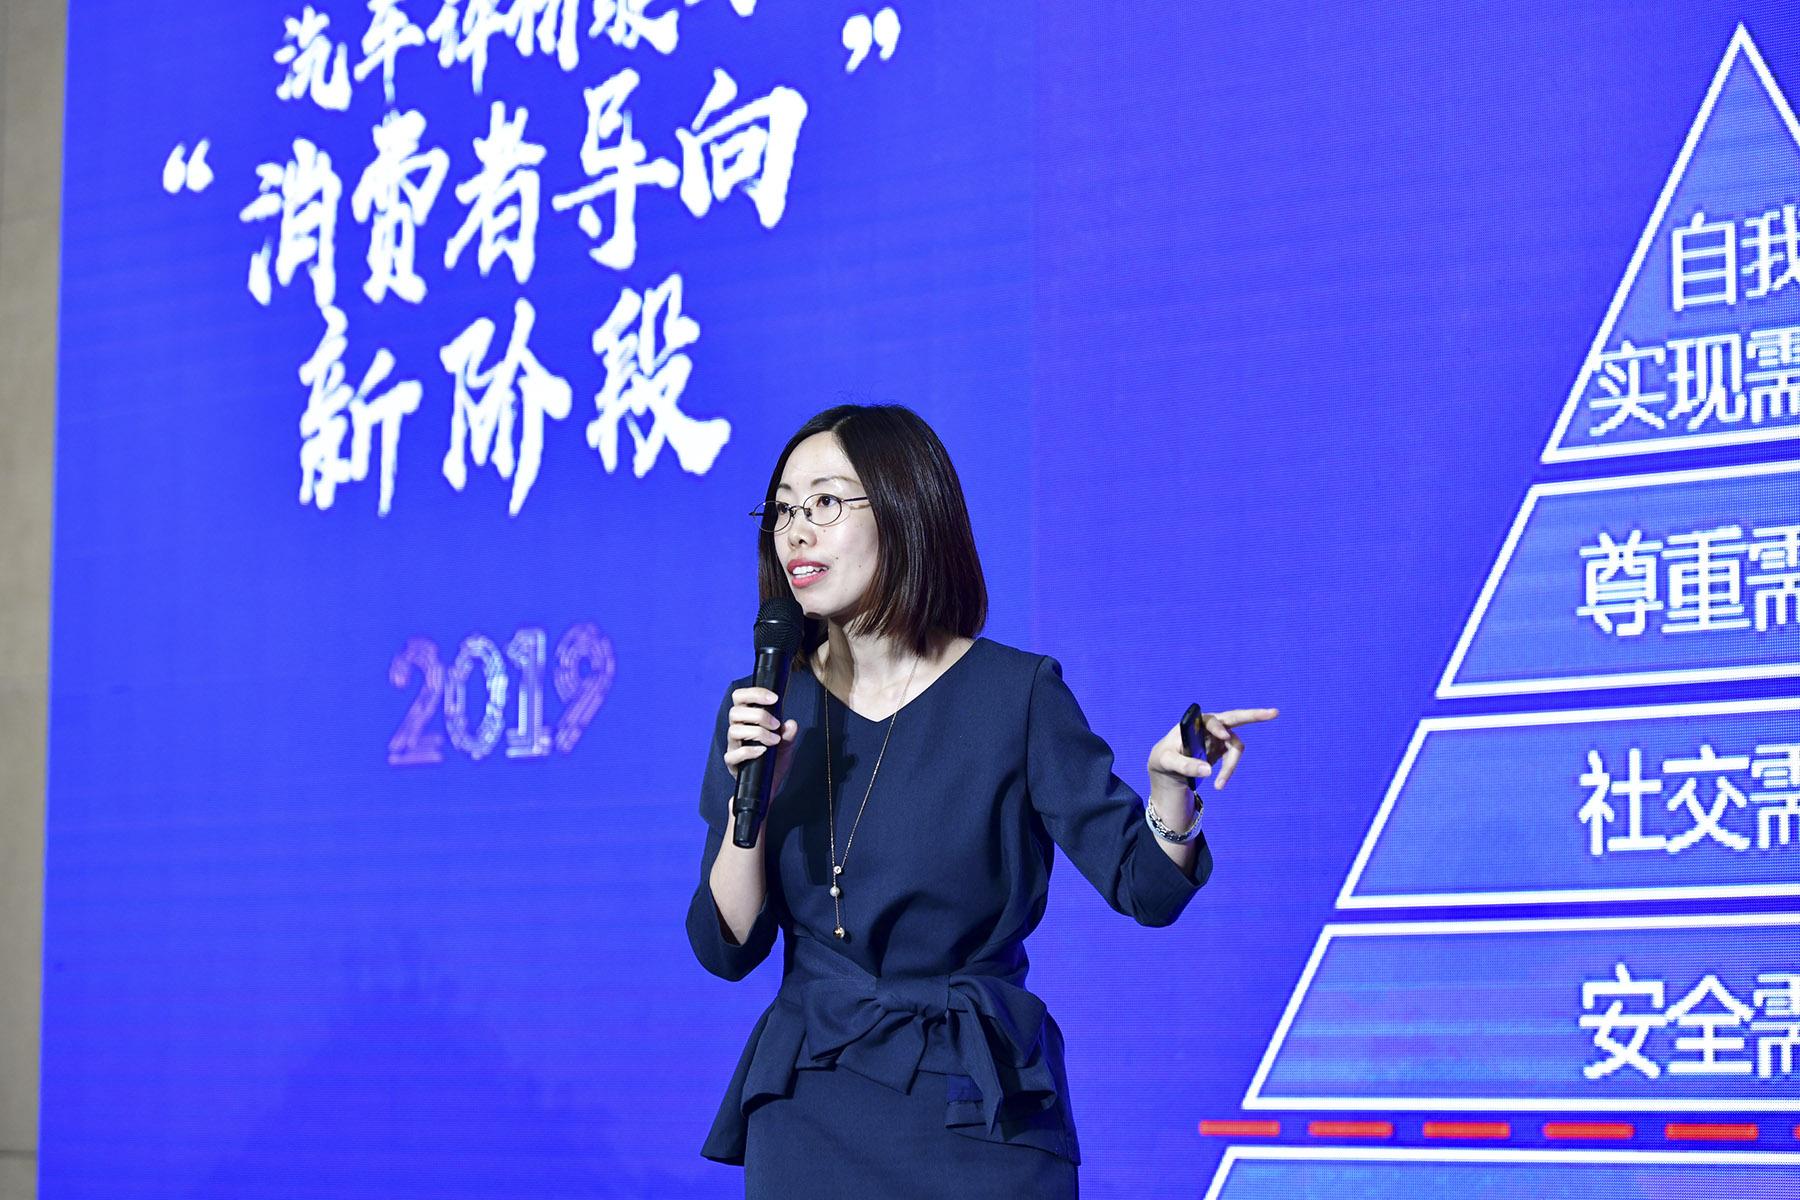 中汽中心杨靖:做用户体验要打破行业壁垒,从关联中找到兴奋点